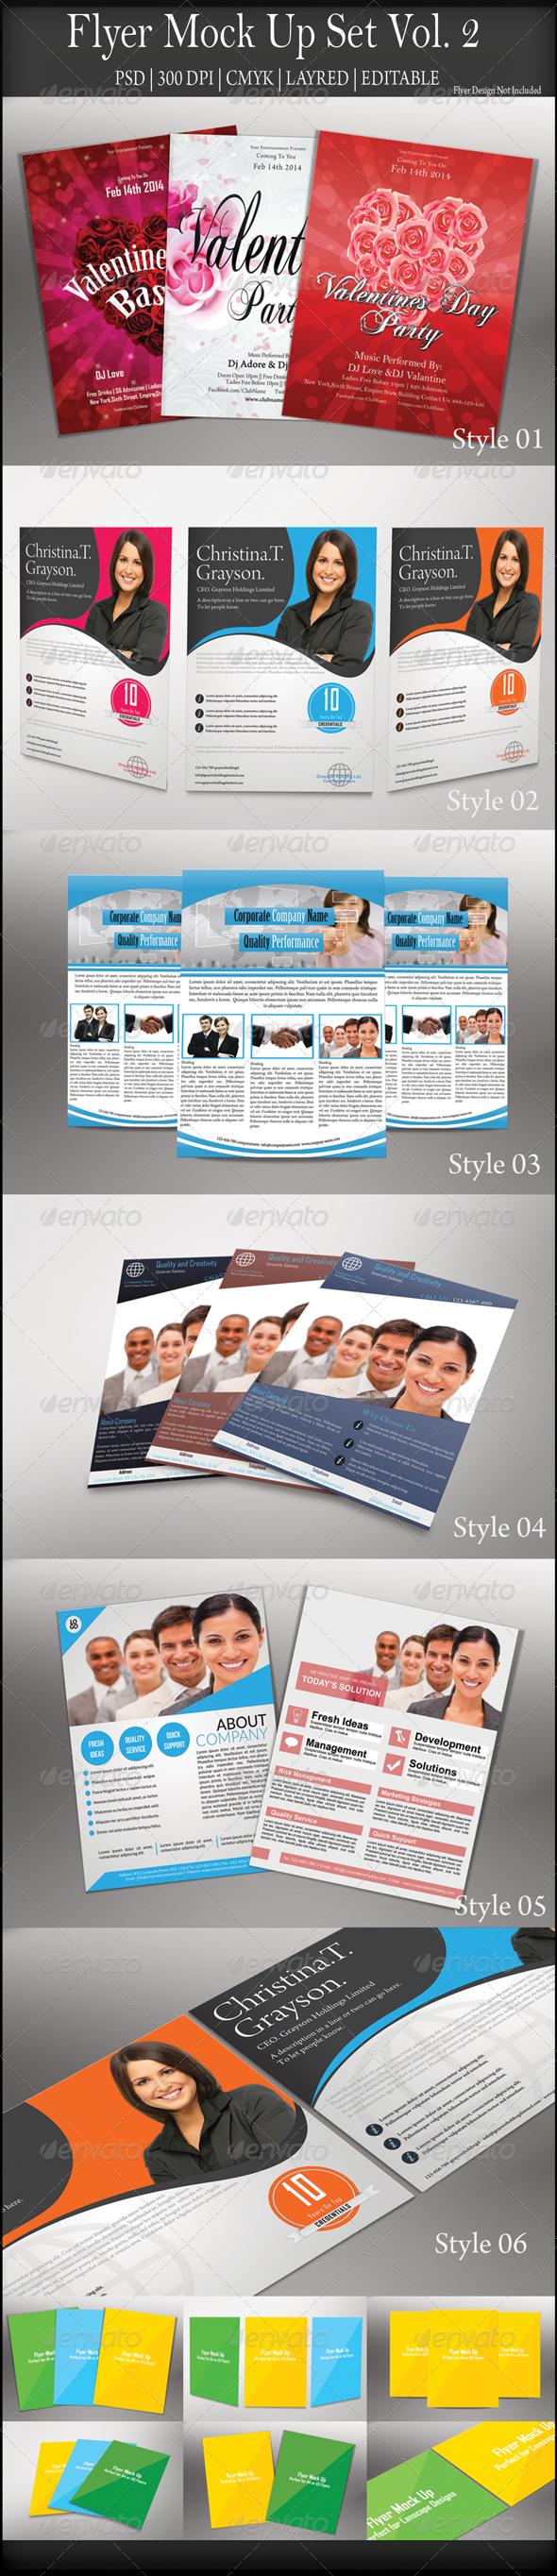 GraphicRiver Flyer Mock Up Vol 2 7934509